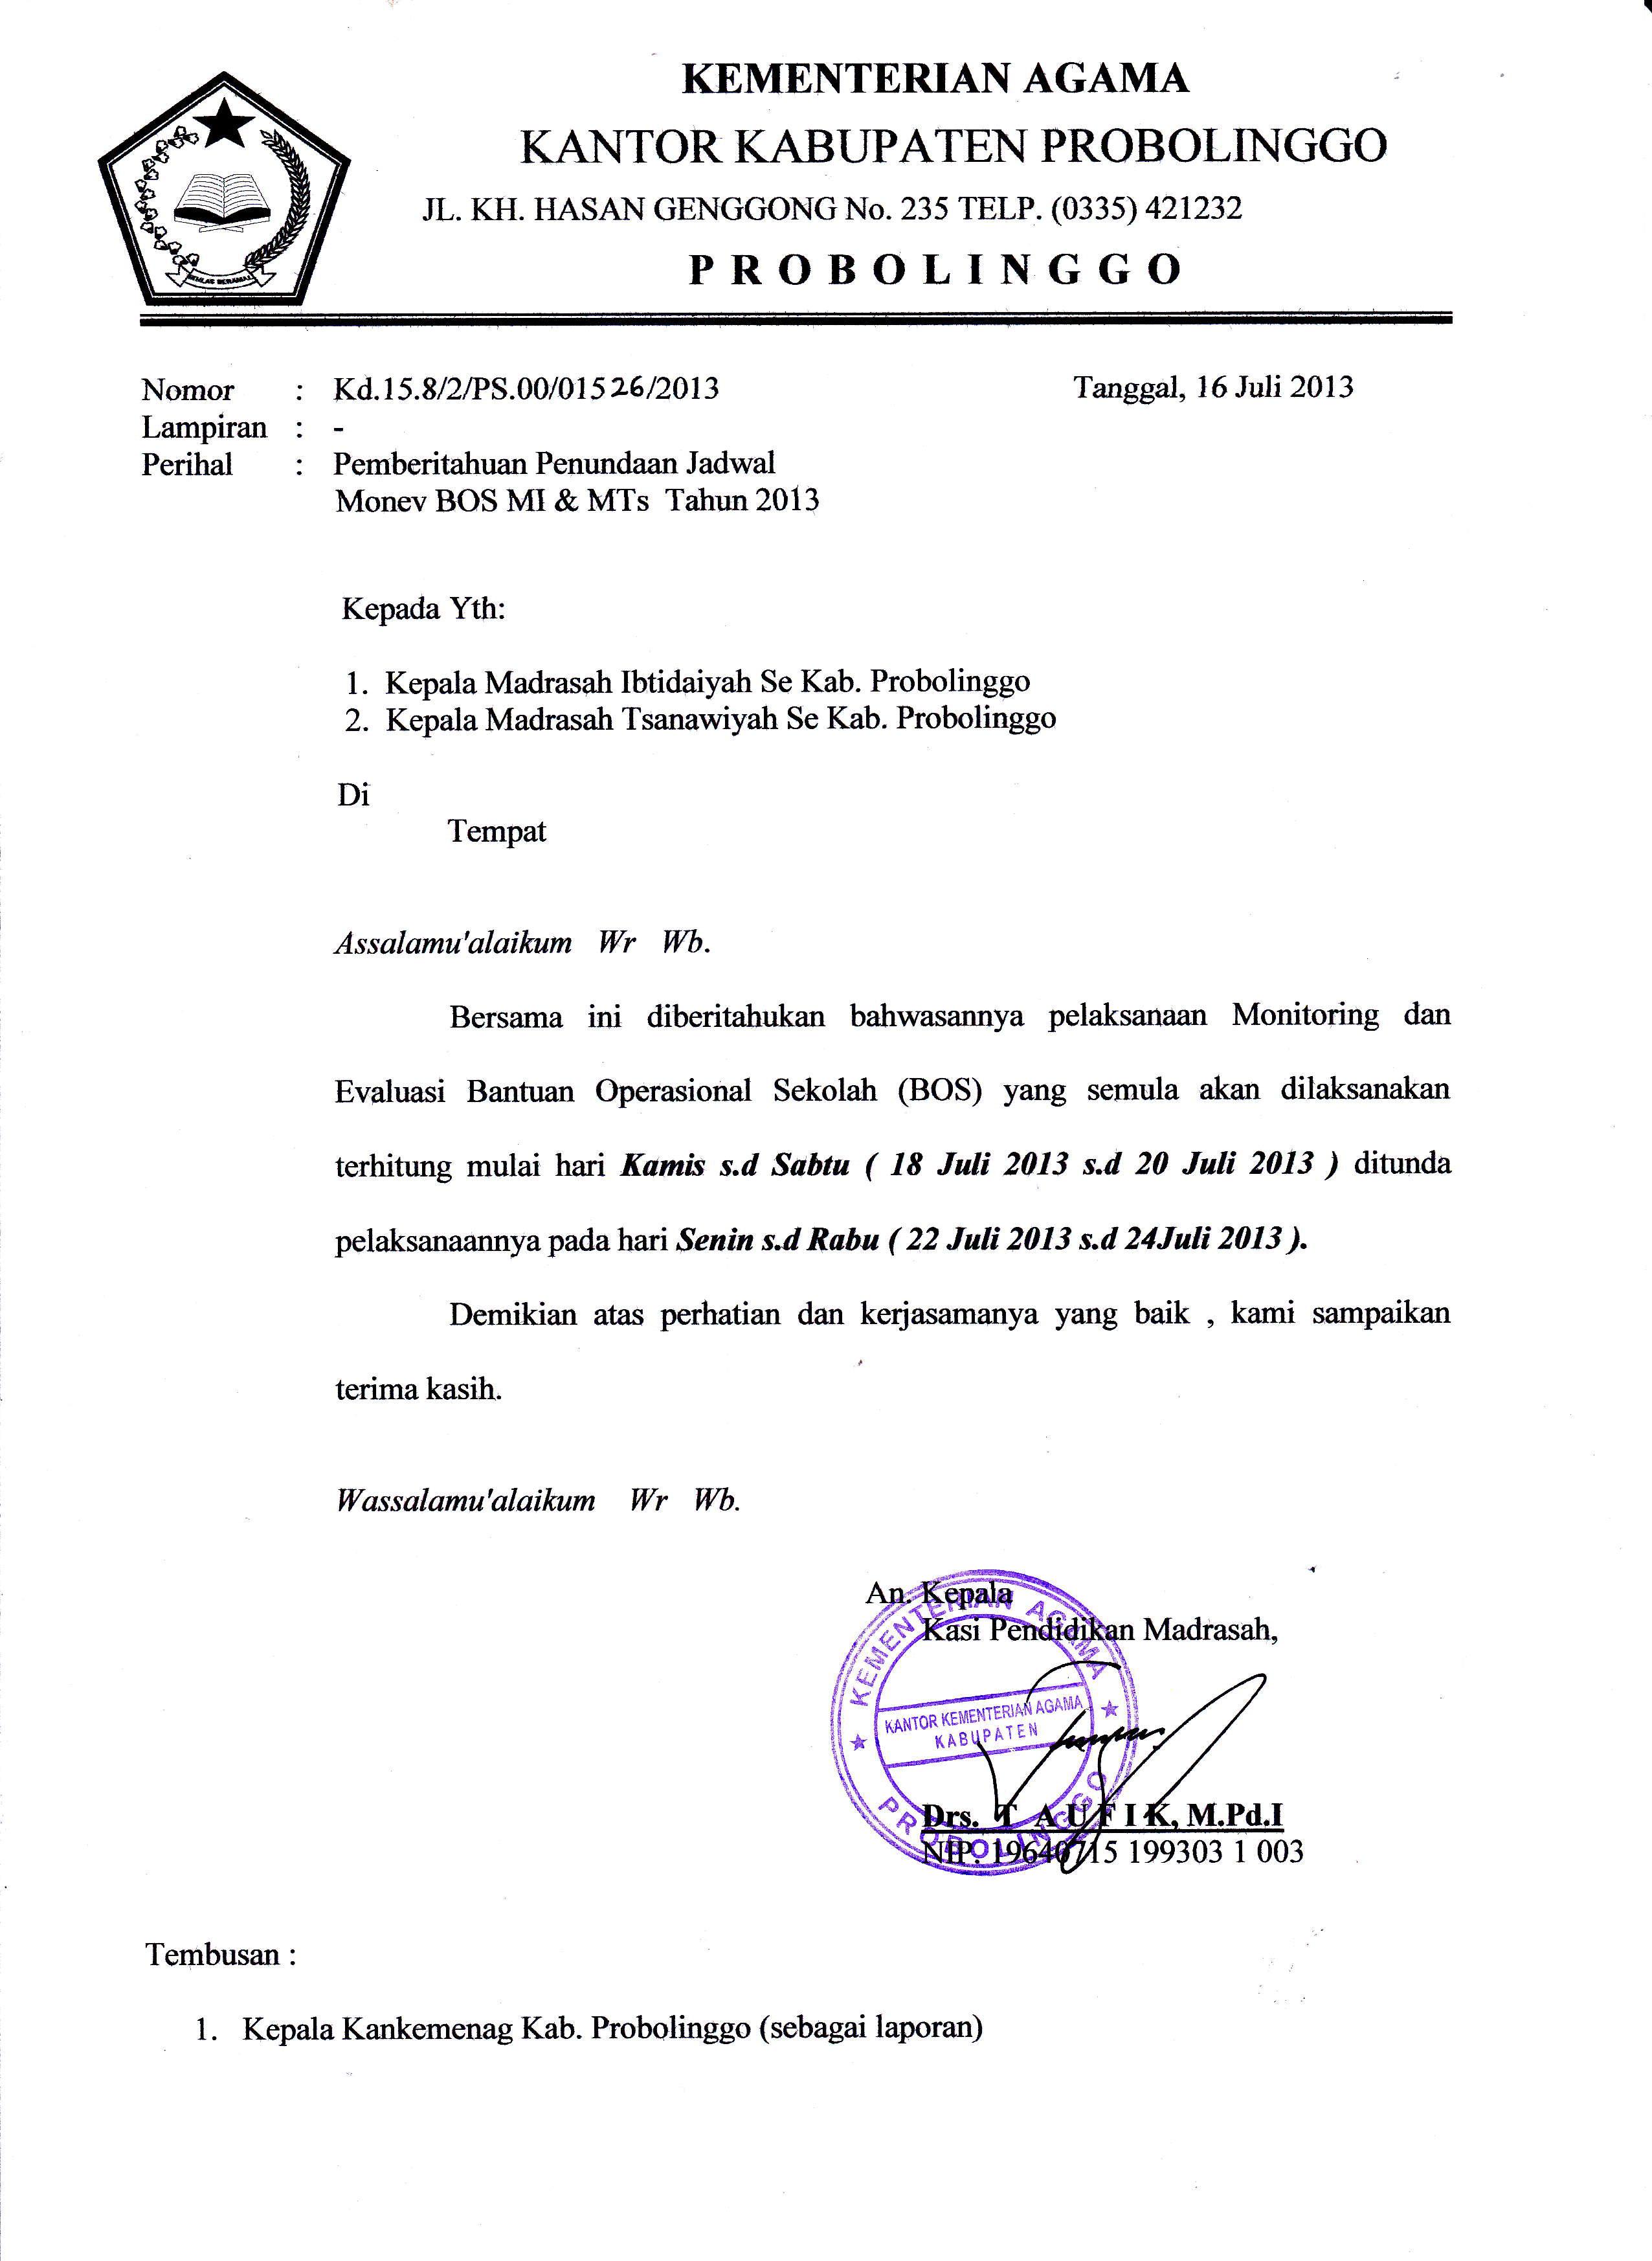 Bag Sarana Seksi Pendidikan Madrasah